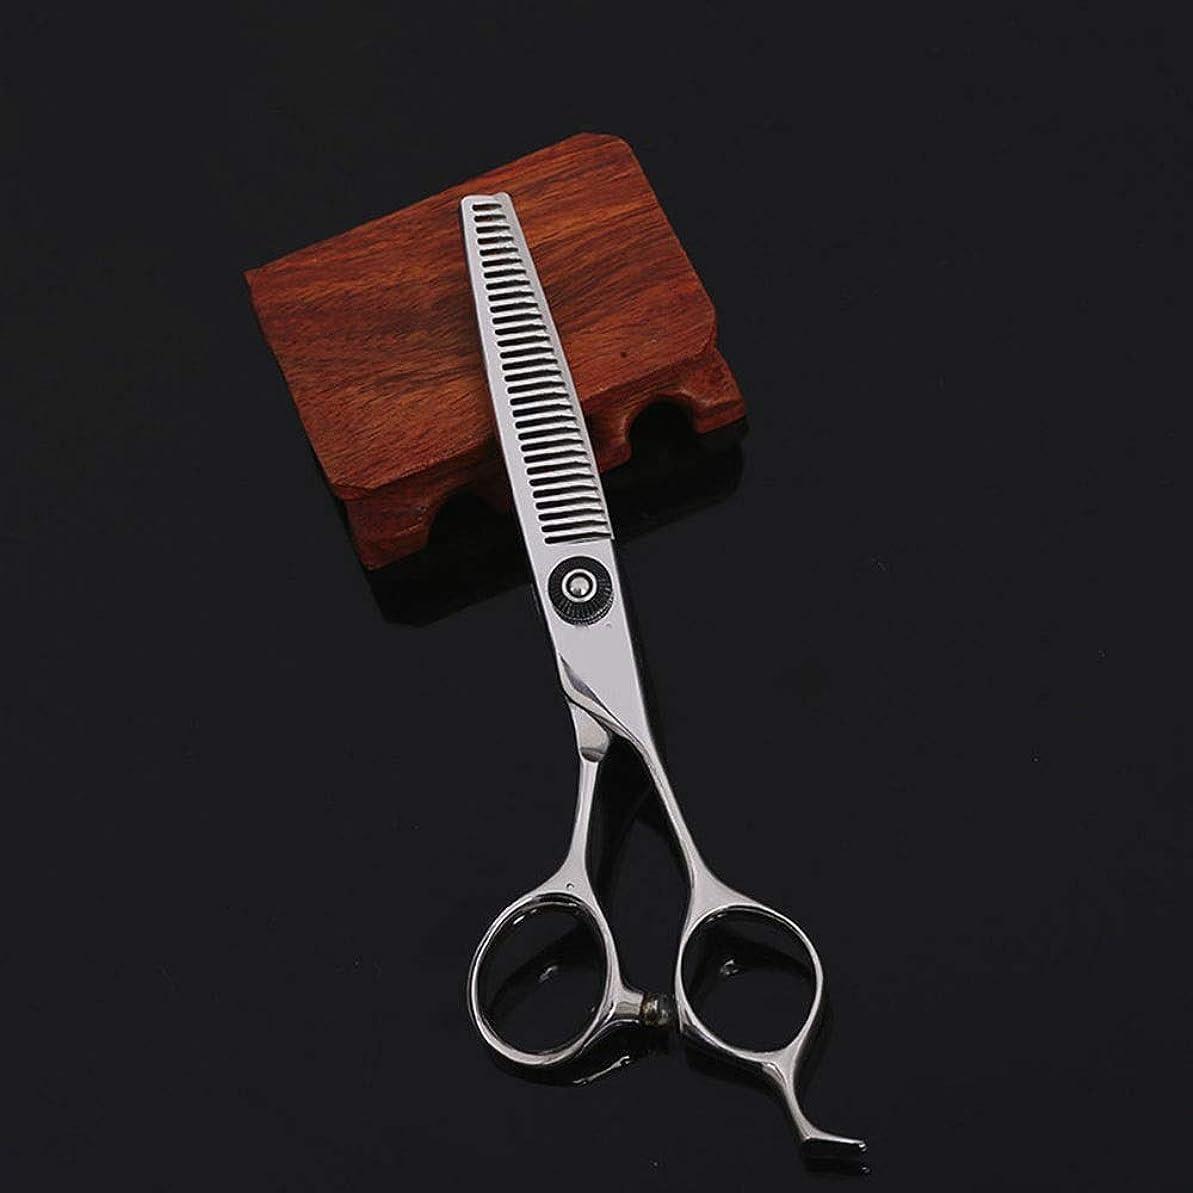 むちゃくちゃフェローシップ電気の理髪用はさみ 6インチ美容院プロフェッショナル散髪間伐はさみヘアカットはさみステンレス理髪はさみ (色 : Silver)